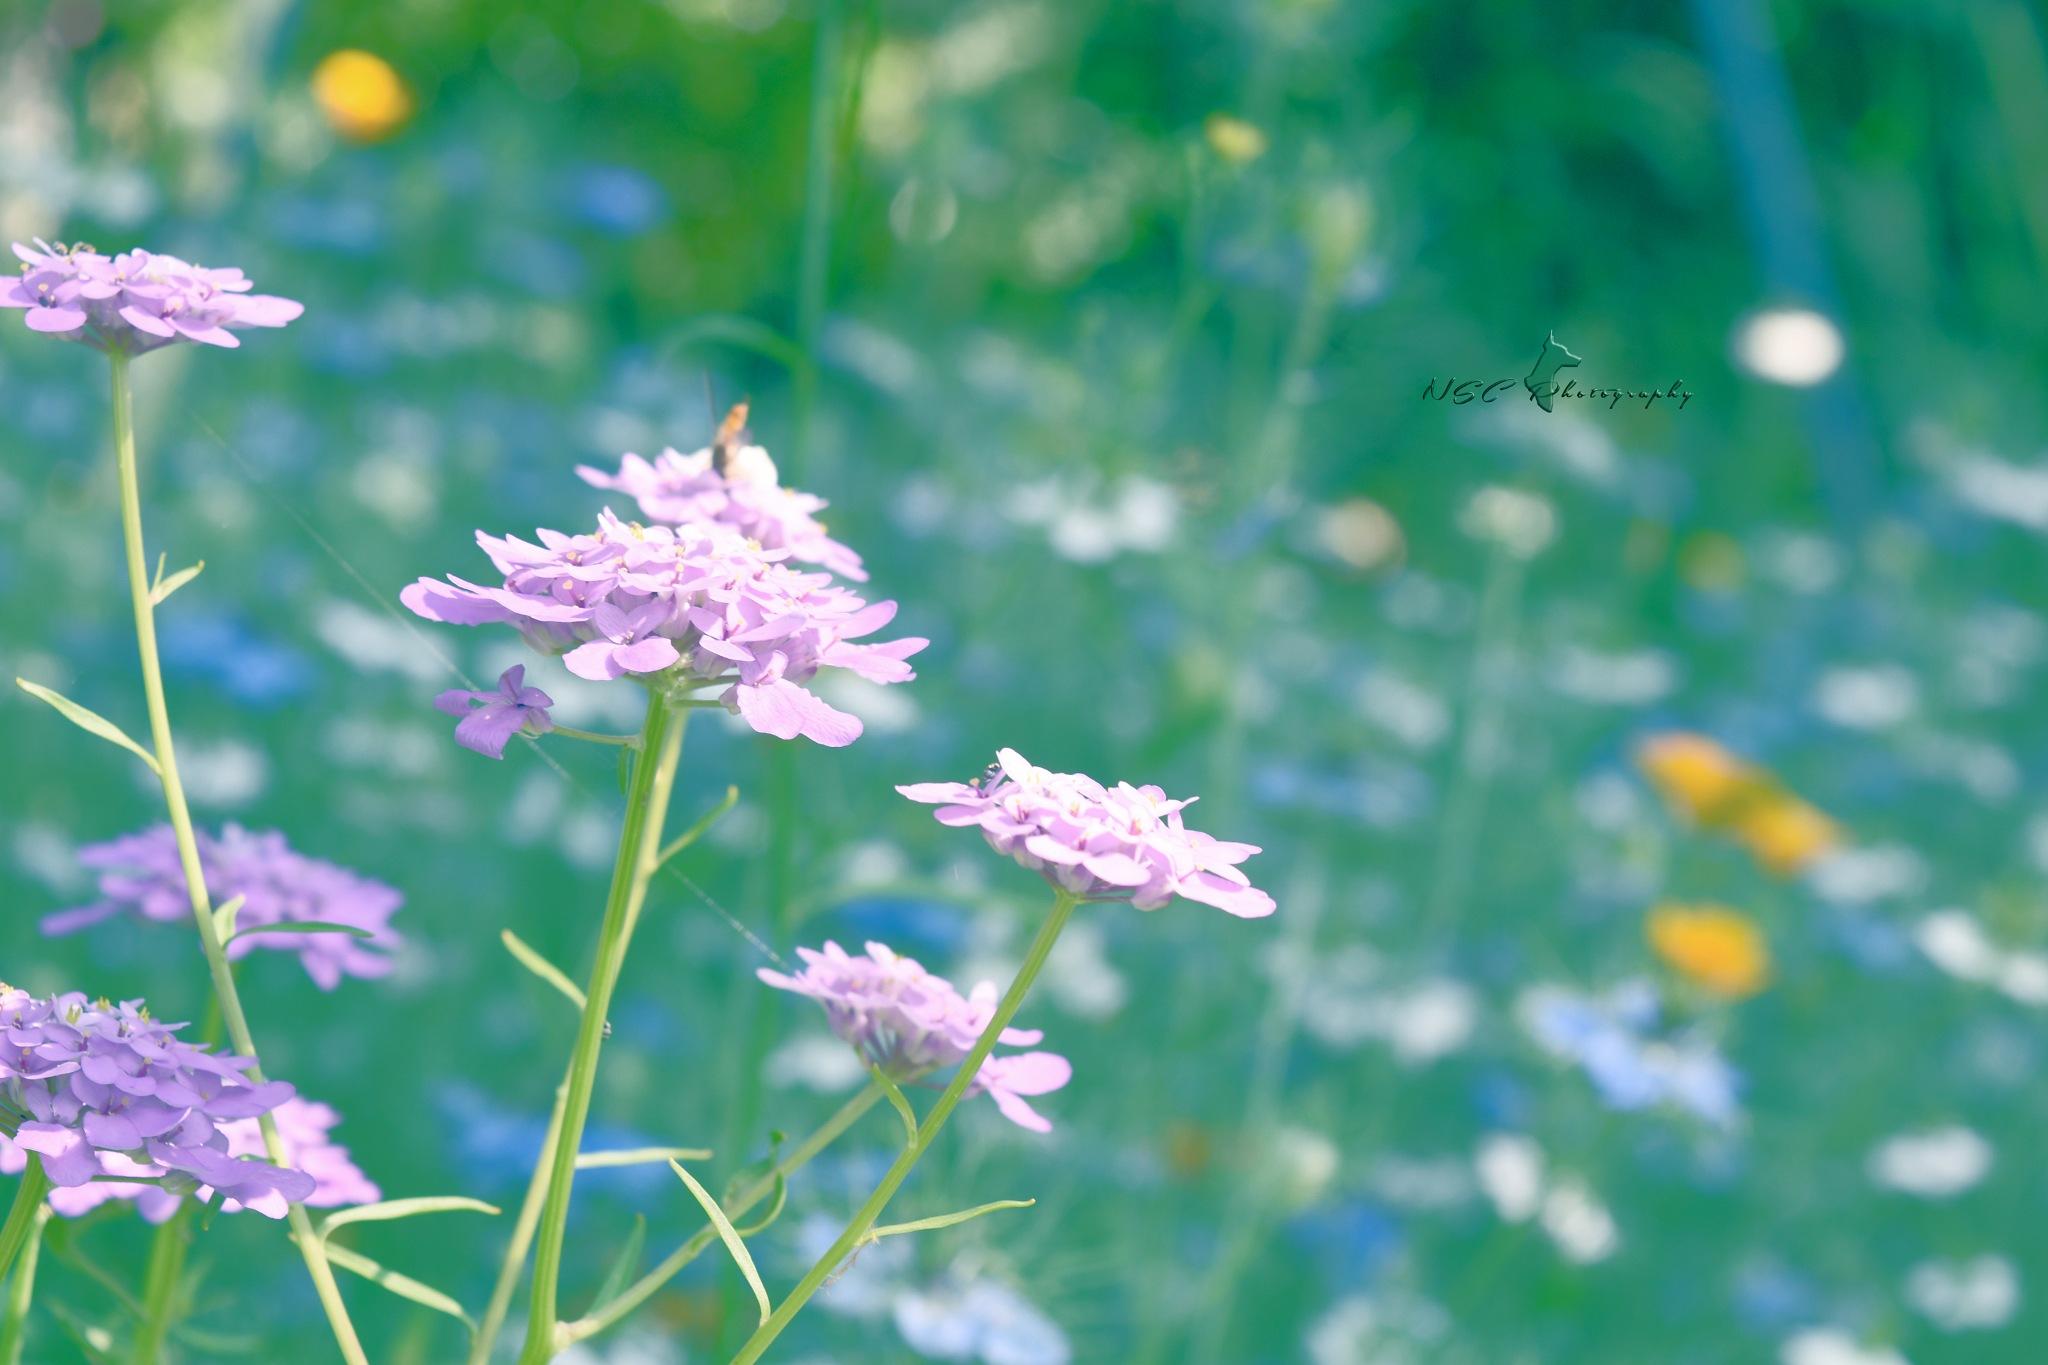 évasion florale by NSC Photography